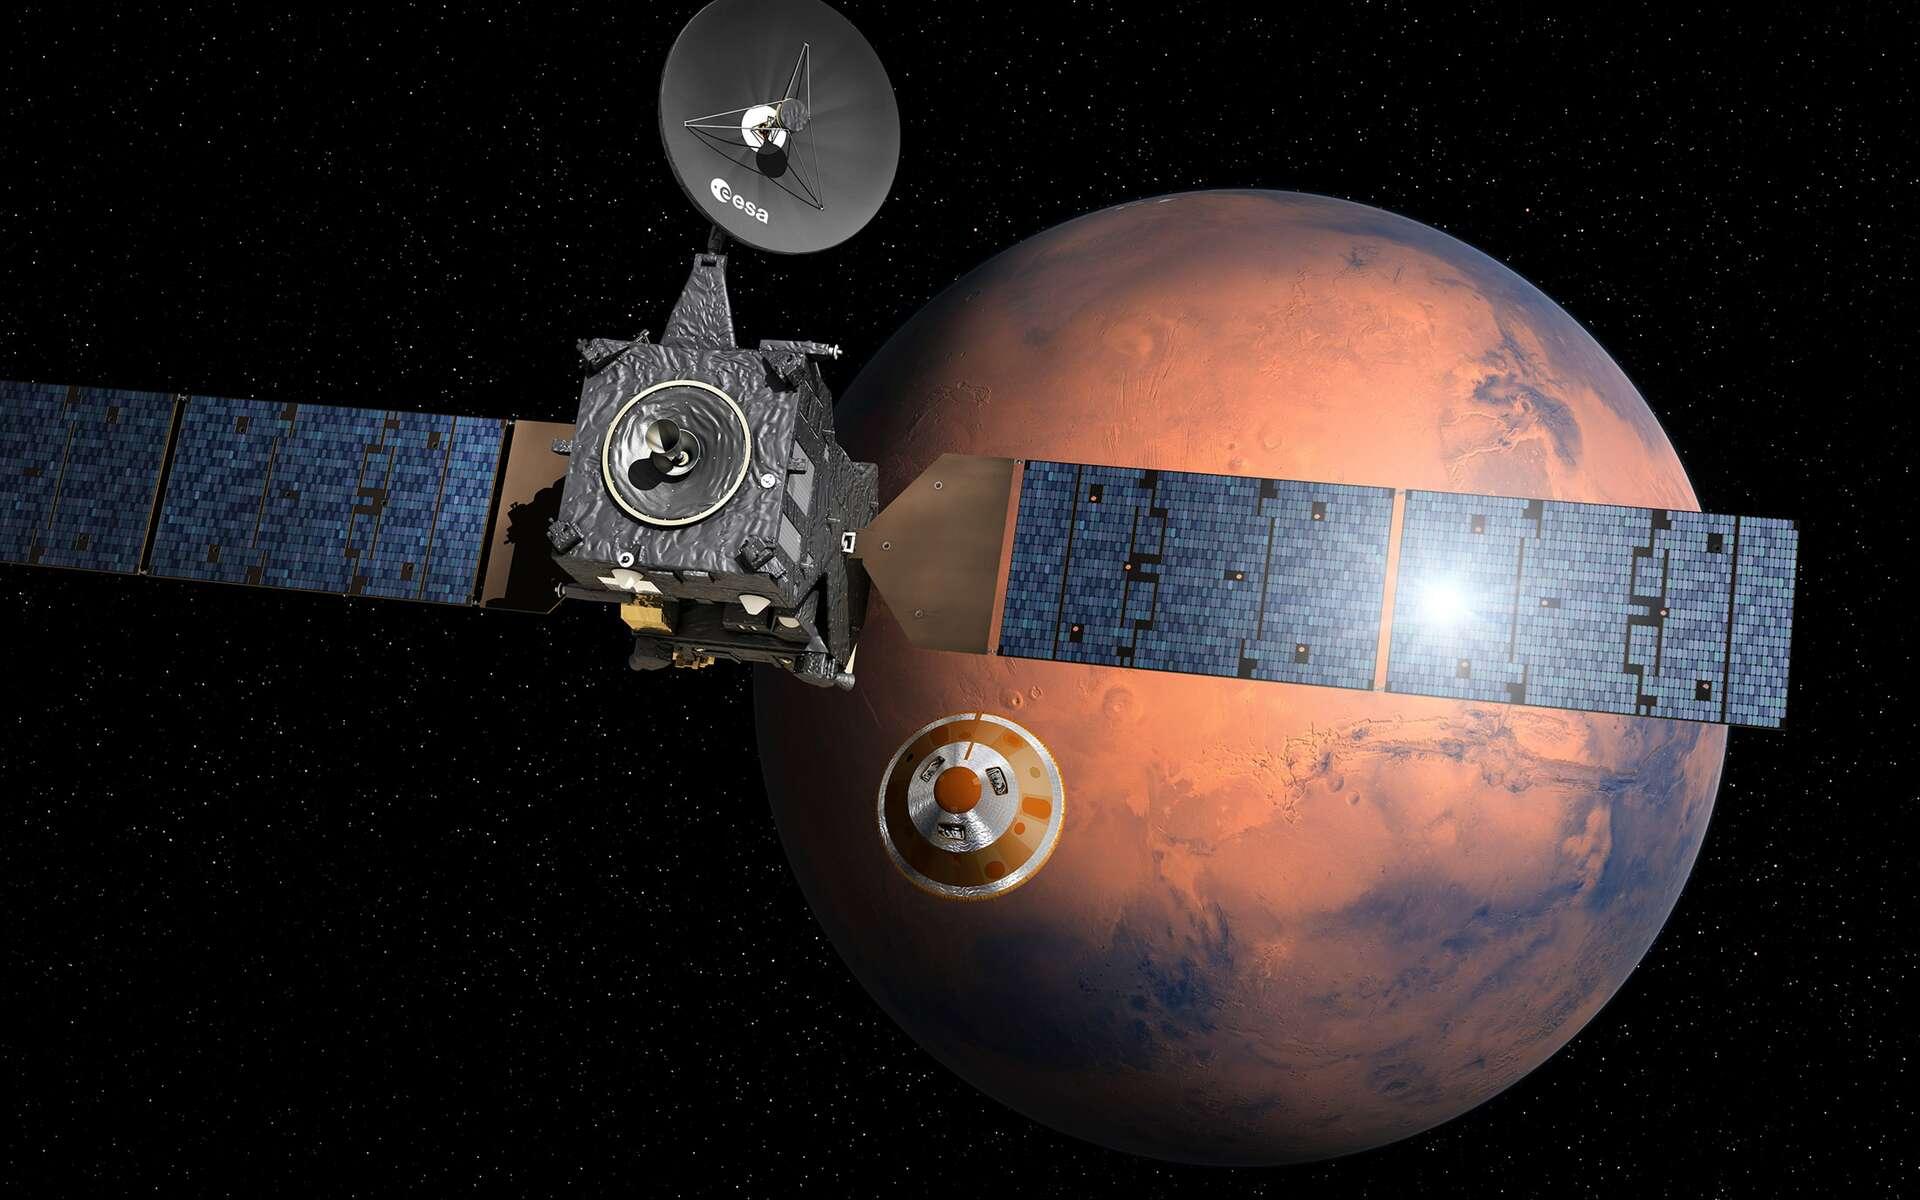 La mission ExoMars 2016, construite sous la maîtrise d'œuvre de Thales Alenia Space. Elle est composée de l'orbiteur TGO (Trace Gas Orbiter) et du démonstrateur d'entrée atmosphérique, de descente et d'atterrissage Schiaparelli. © Esa, D. Ducros